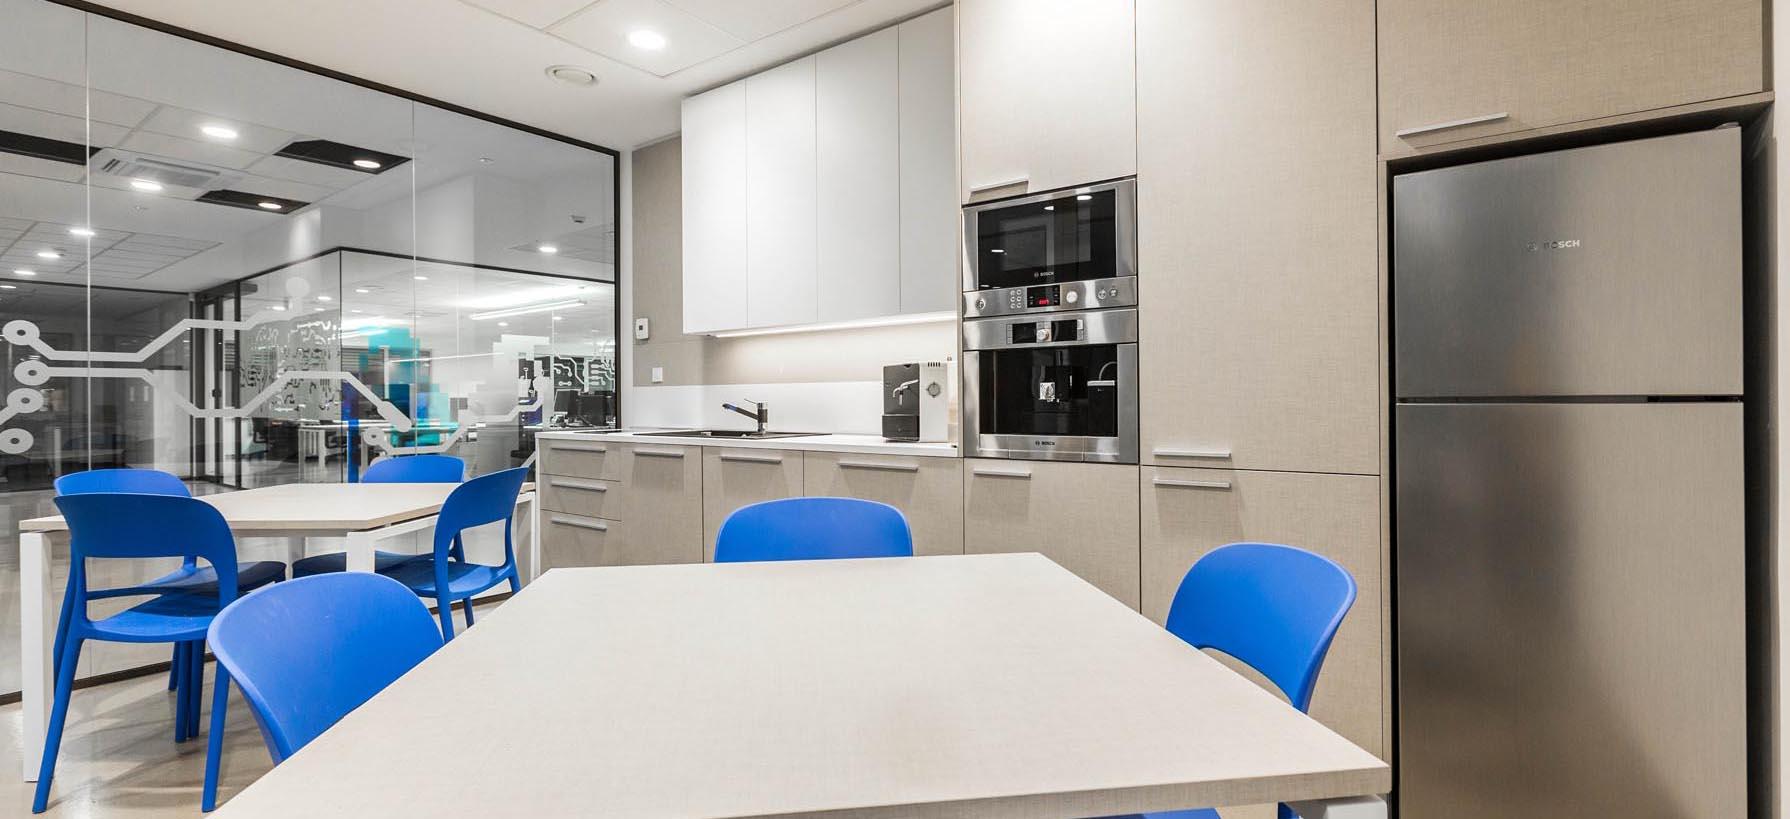 Kuhinja v pisarni